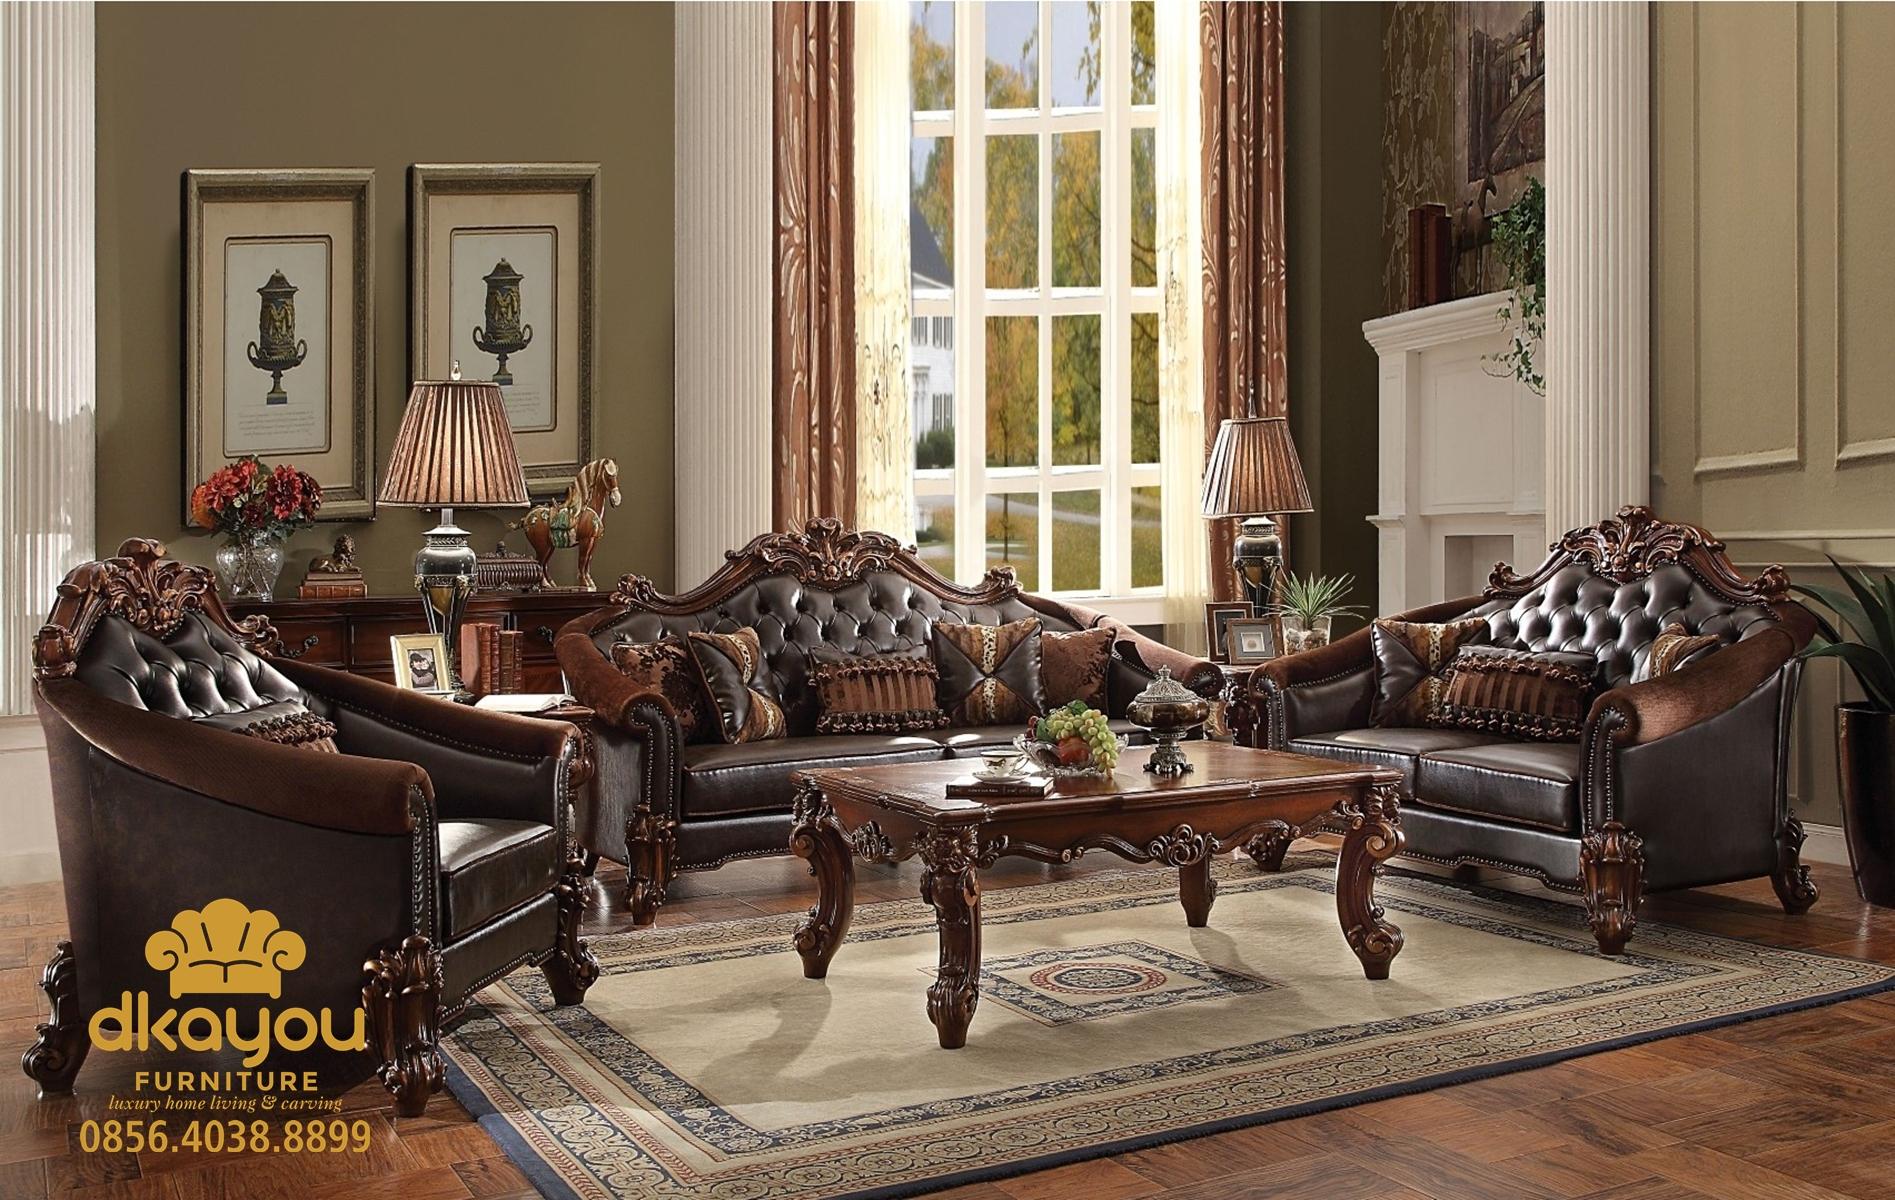 Sofa Jati Jepara Set Ruang Tamu Mewah